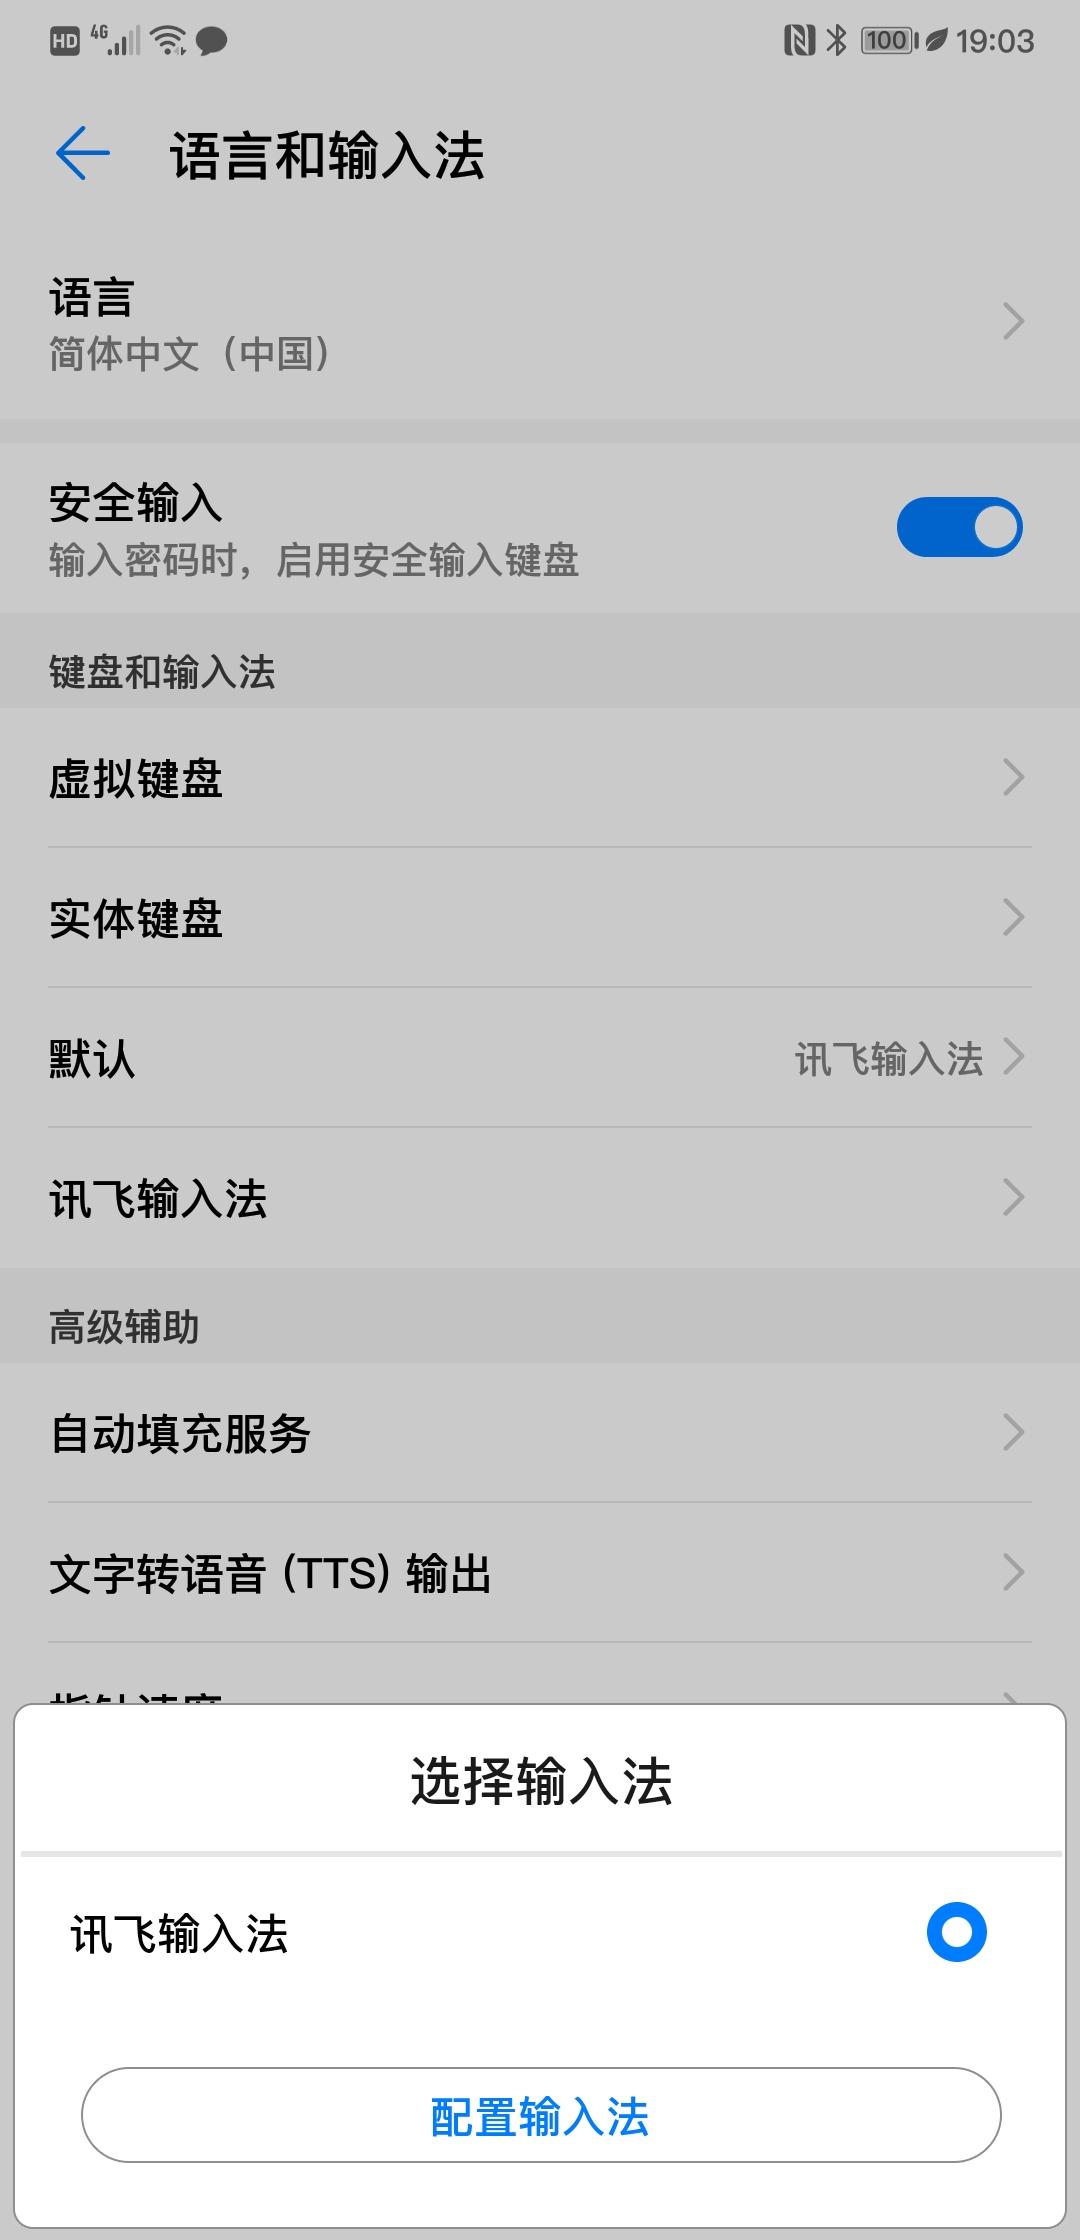 Screenshot_20190410-190301.jpg